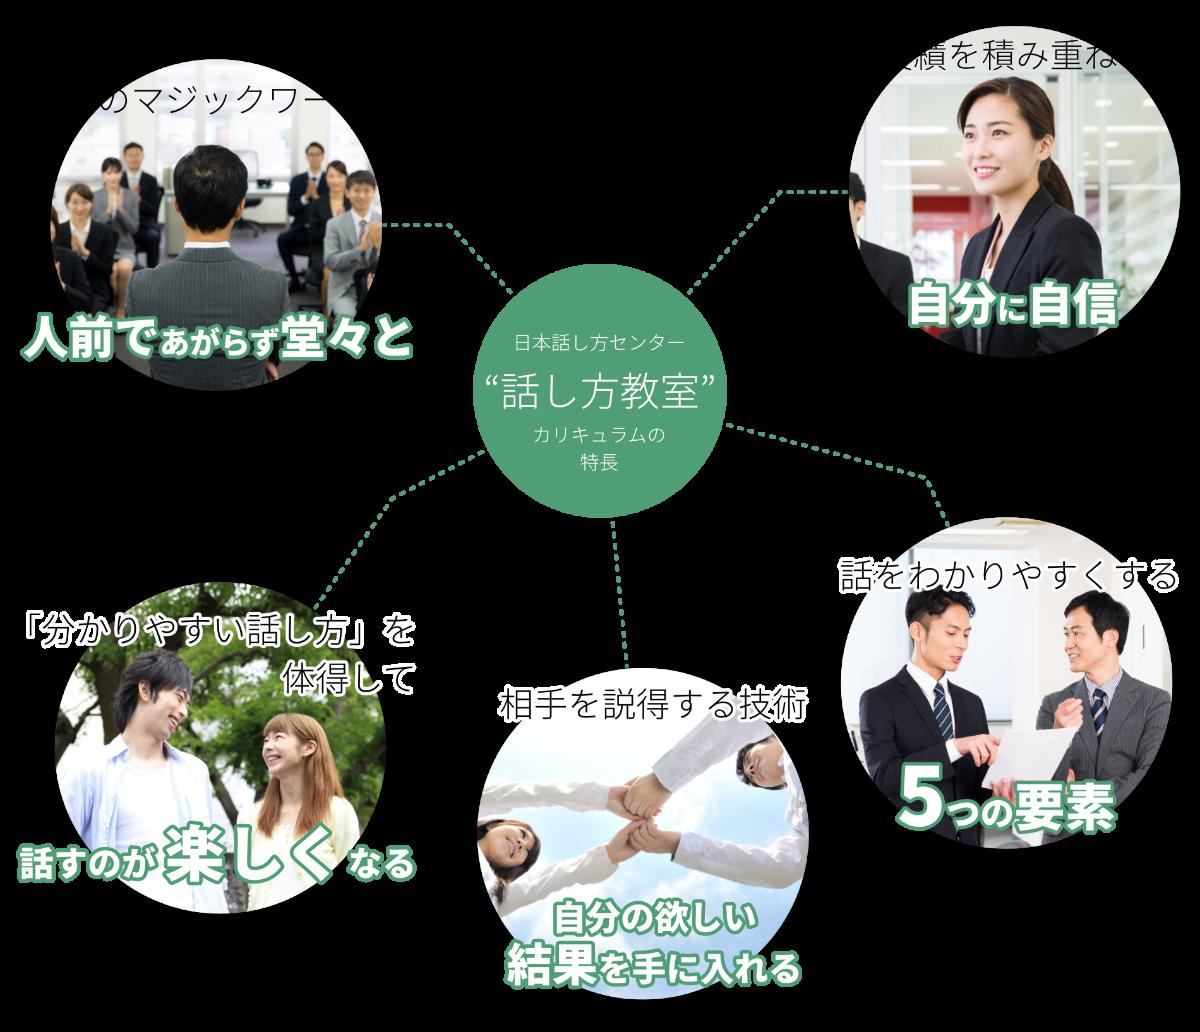 日本話し方センターのカリキュラム